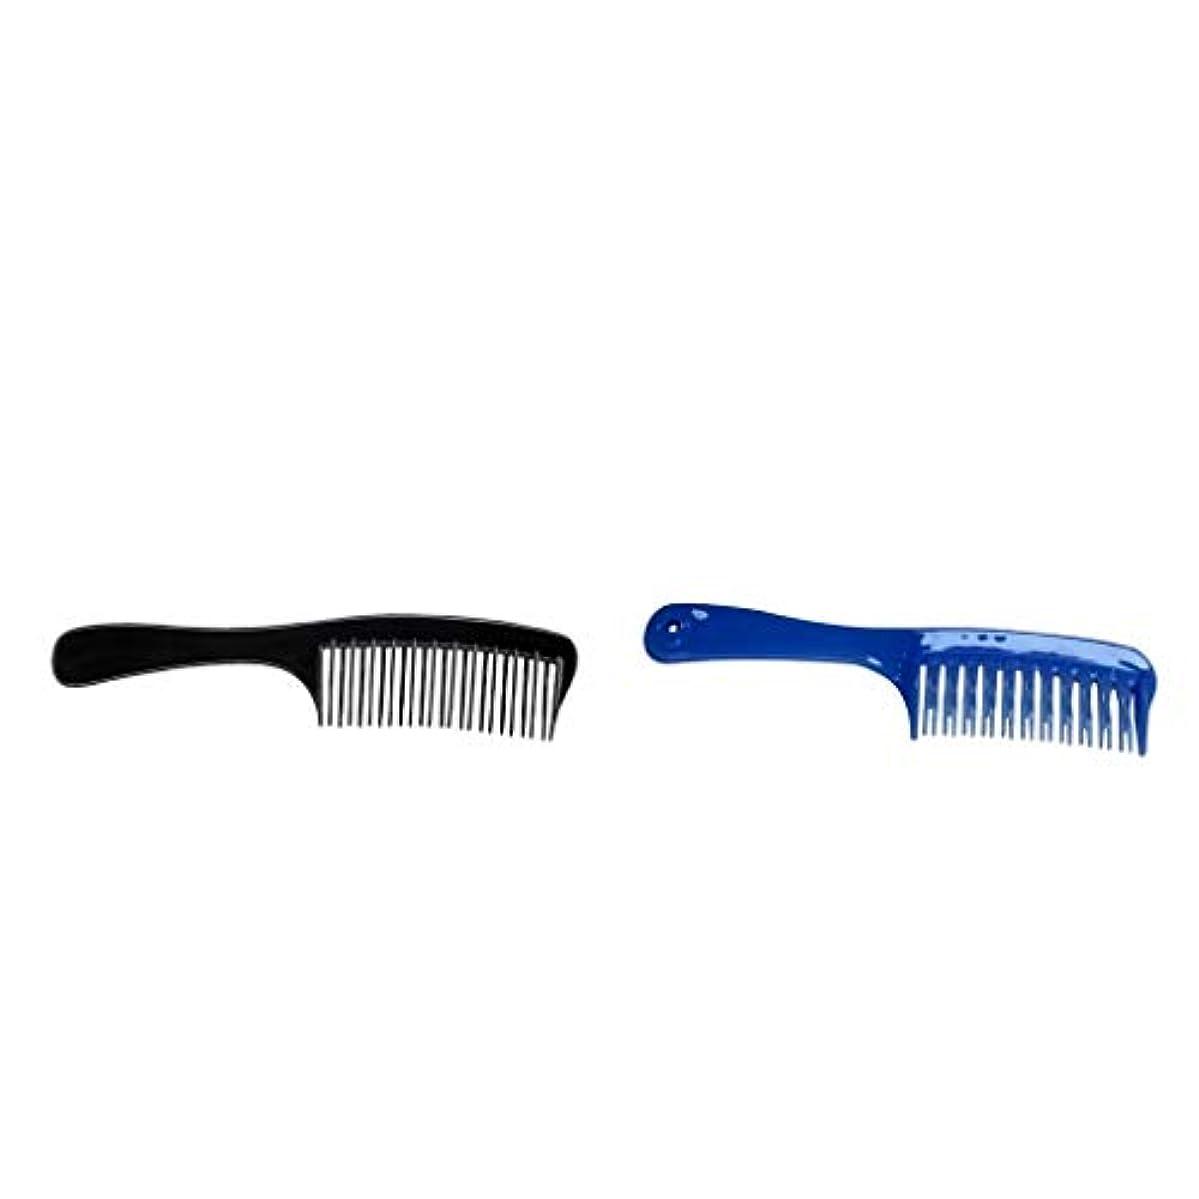 組モーション悪魔Toygogo 理髪店大きいDetanglerのもつれを解く毛の櫛、二重湾曲した歯の櫛様式、耐久のプラスチック、抵抗力がある漂白剤の色